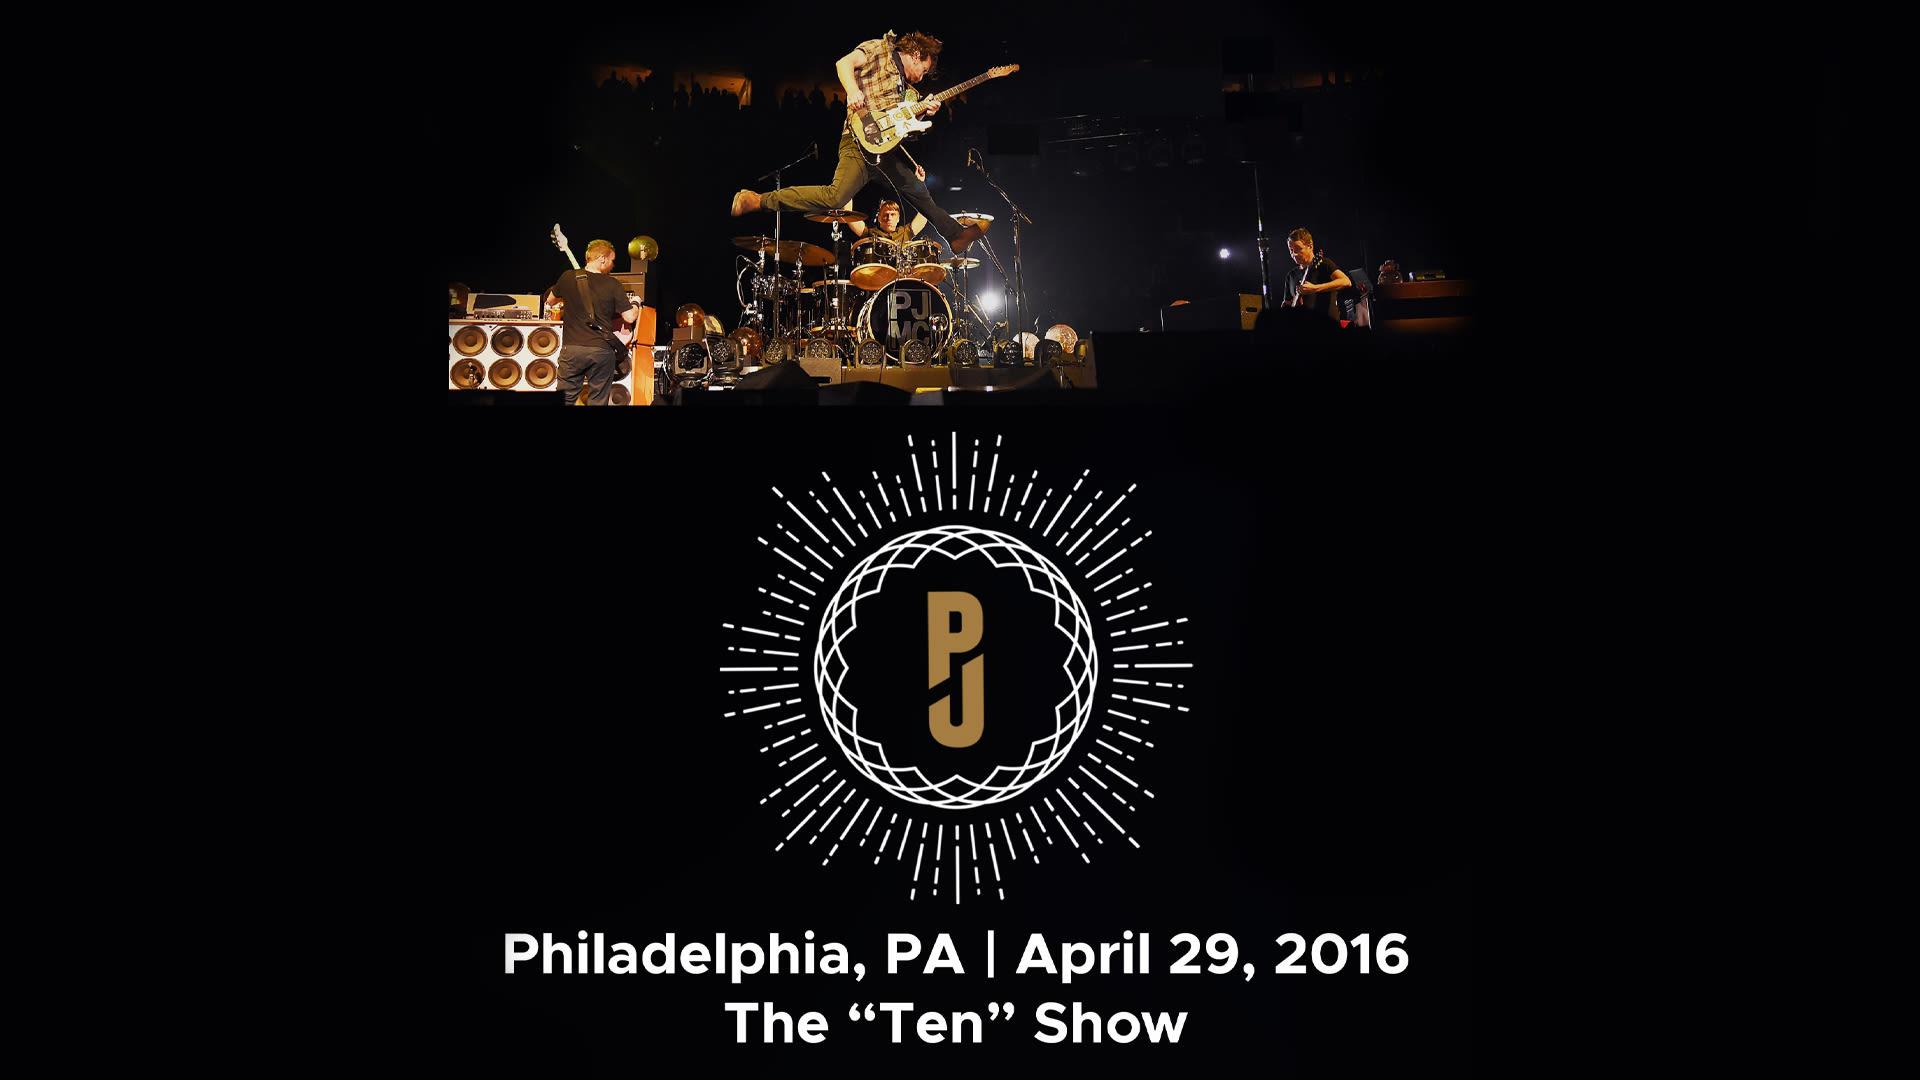 Pearl Jam - Live in Philadelphia April 29, 2016